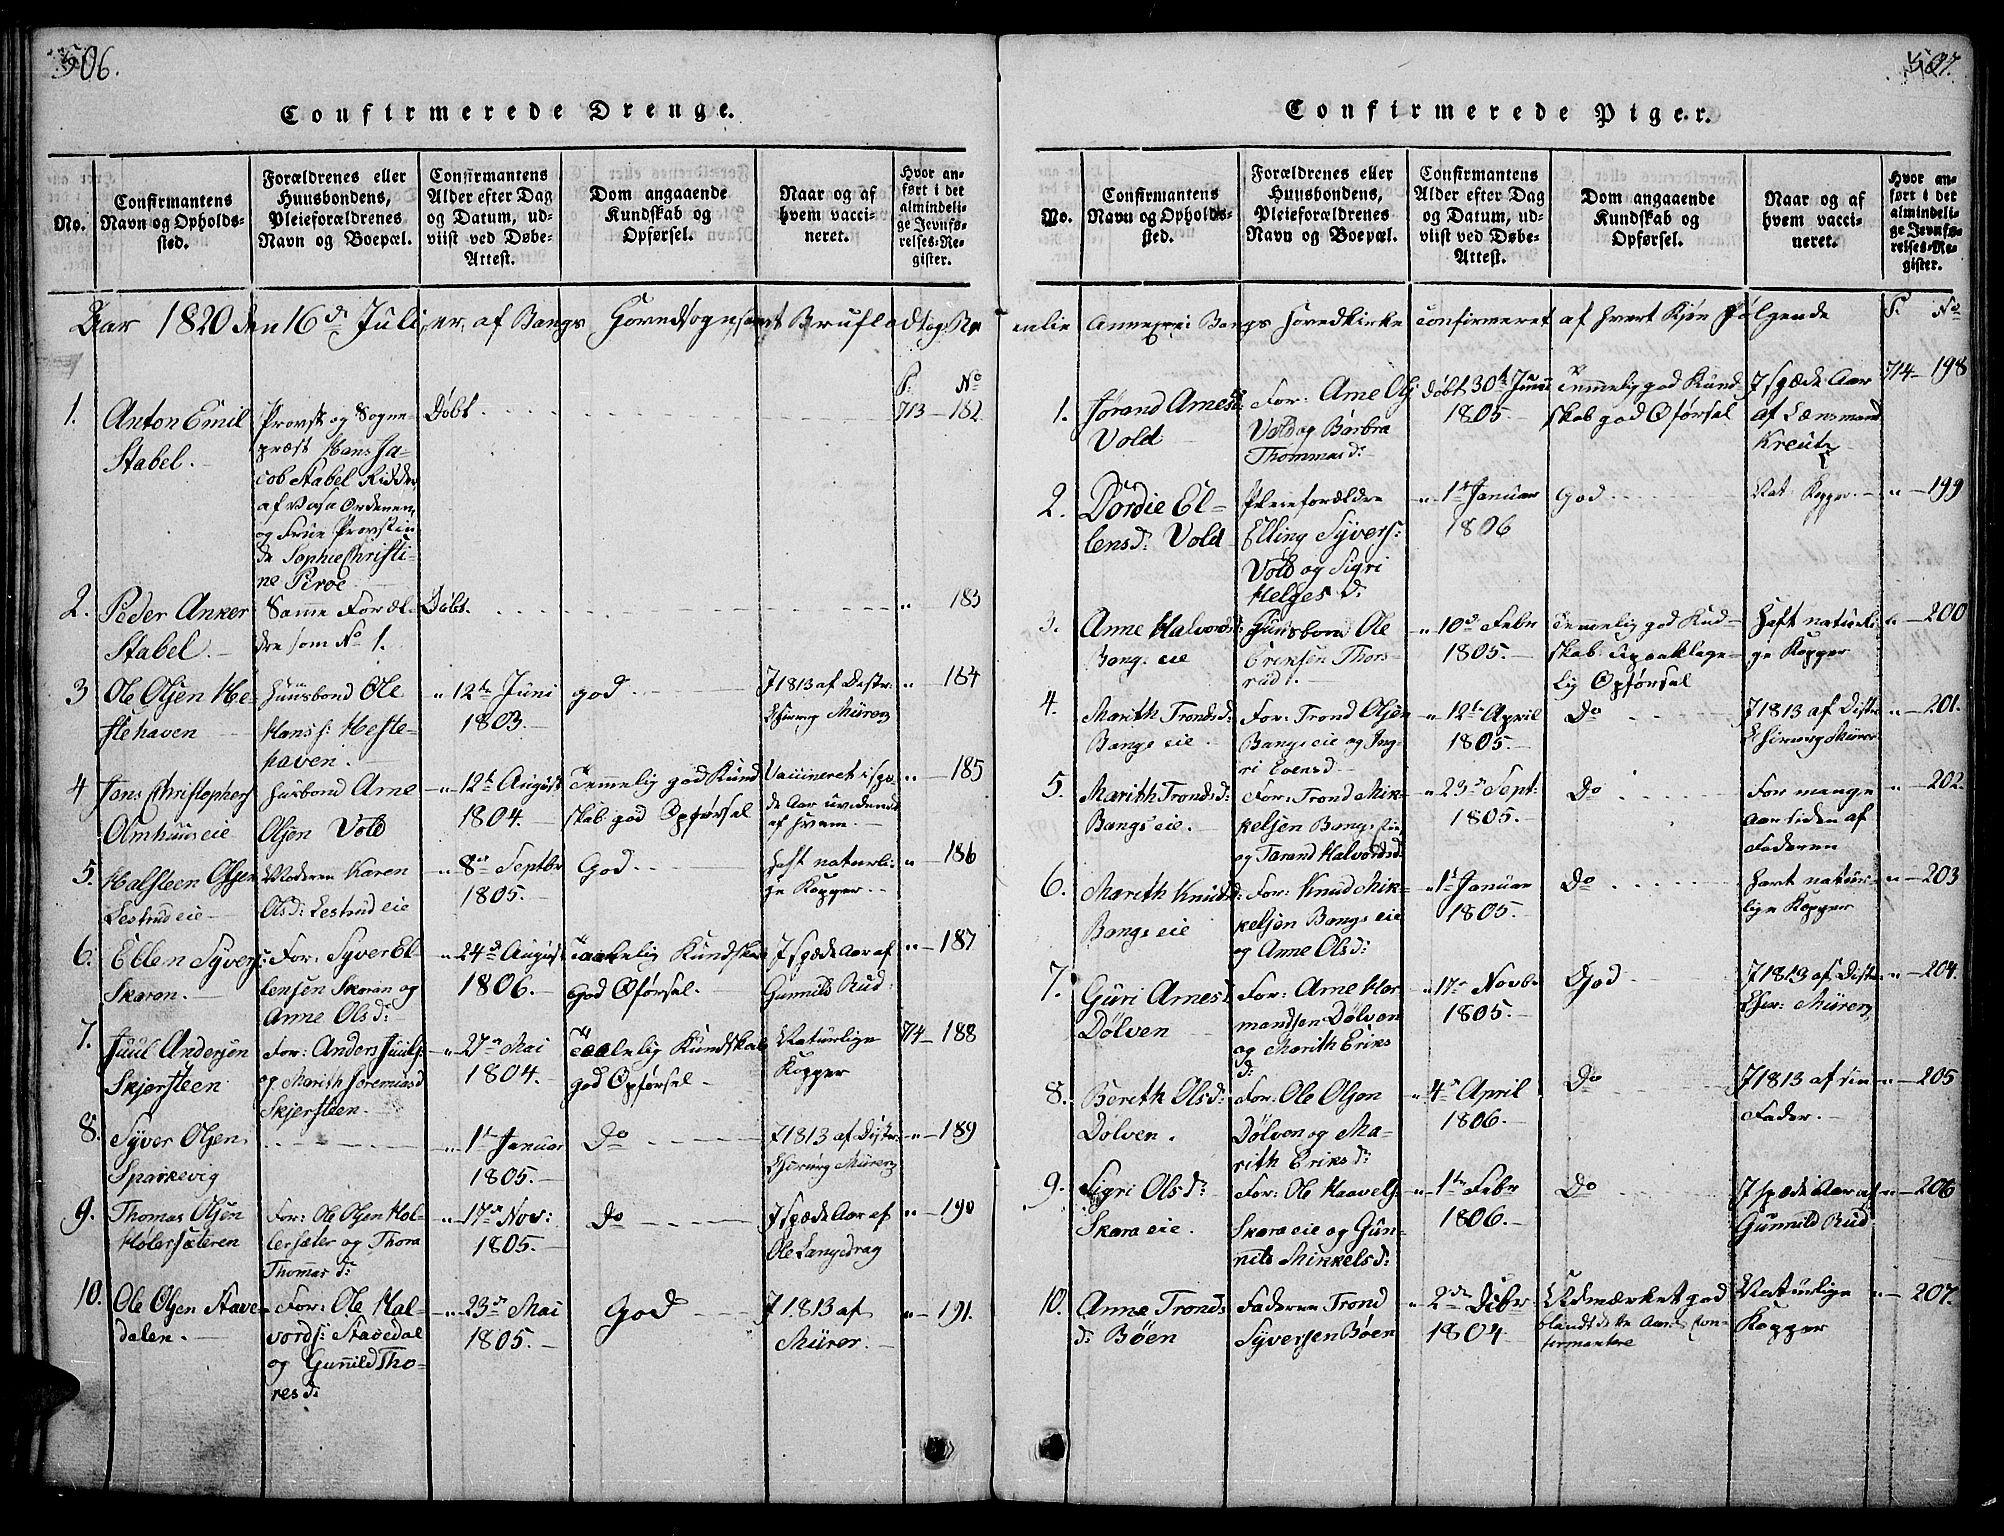 SAH, Sør-Aurdal prestekontor, Klokkerbok nr. 1, 1815-1826, s. 506-507